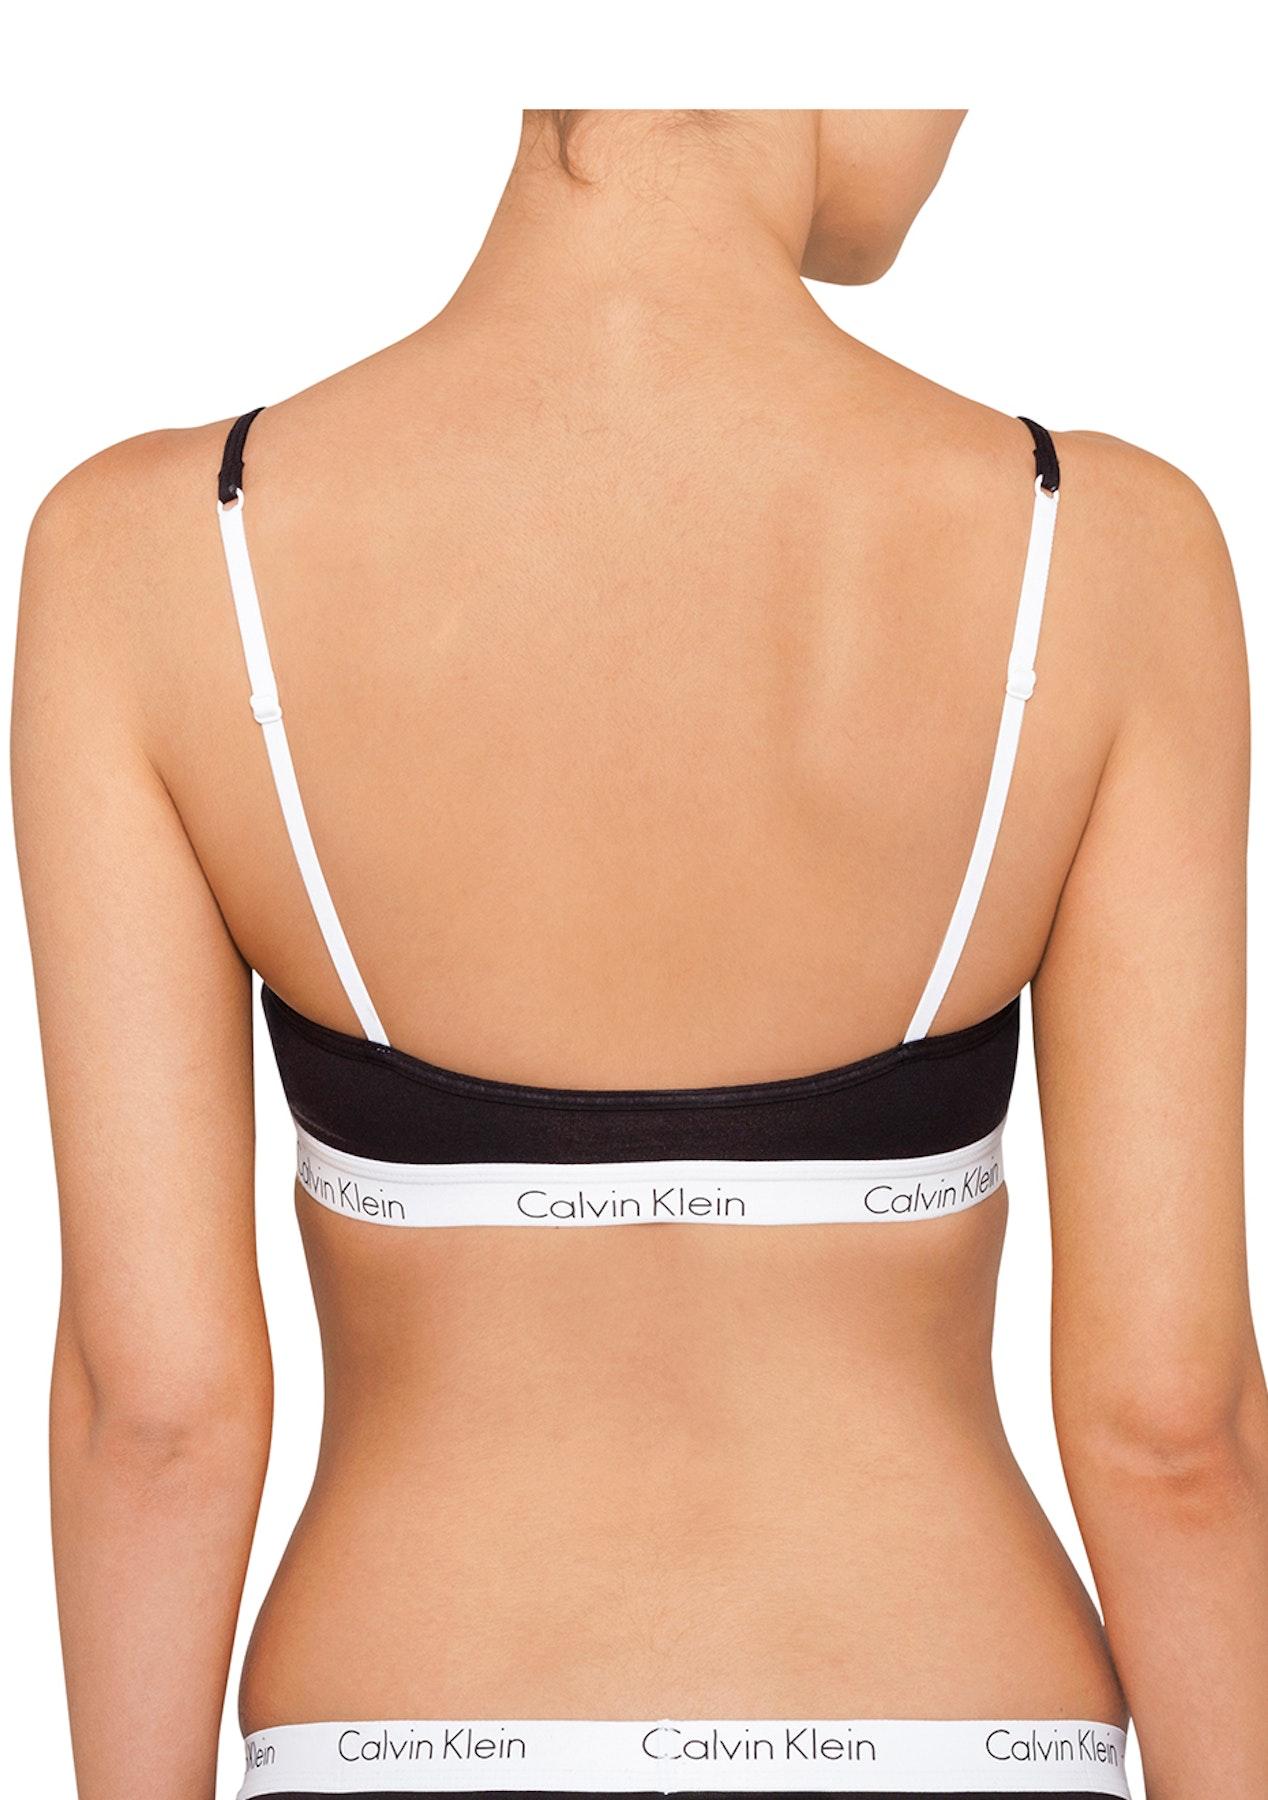 484af8c842 Calvin Klein - CK One Cotton Bralette - Black - Womens Garage Sale - Onceit